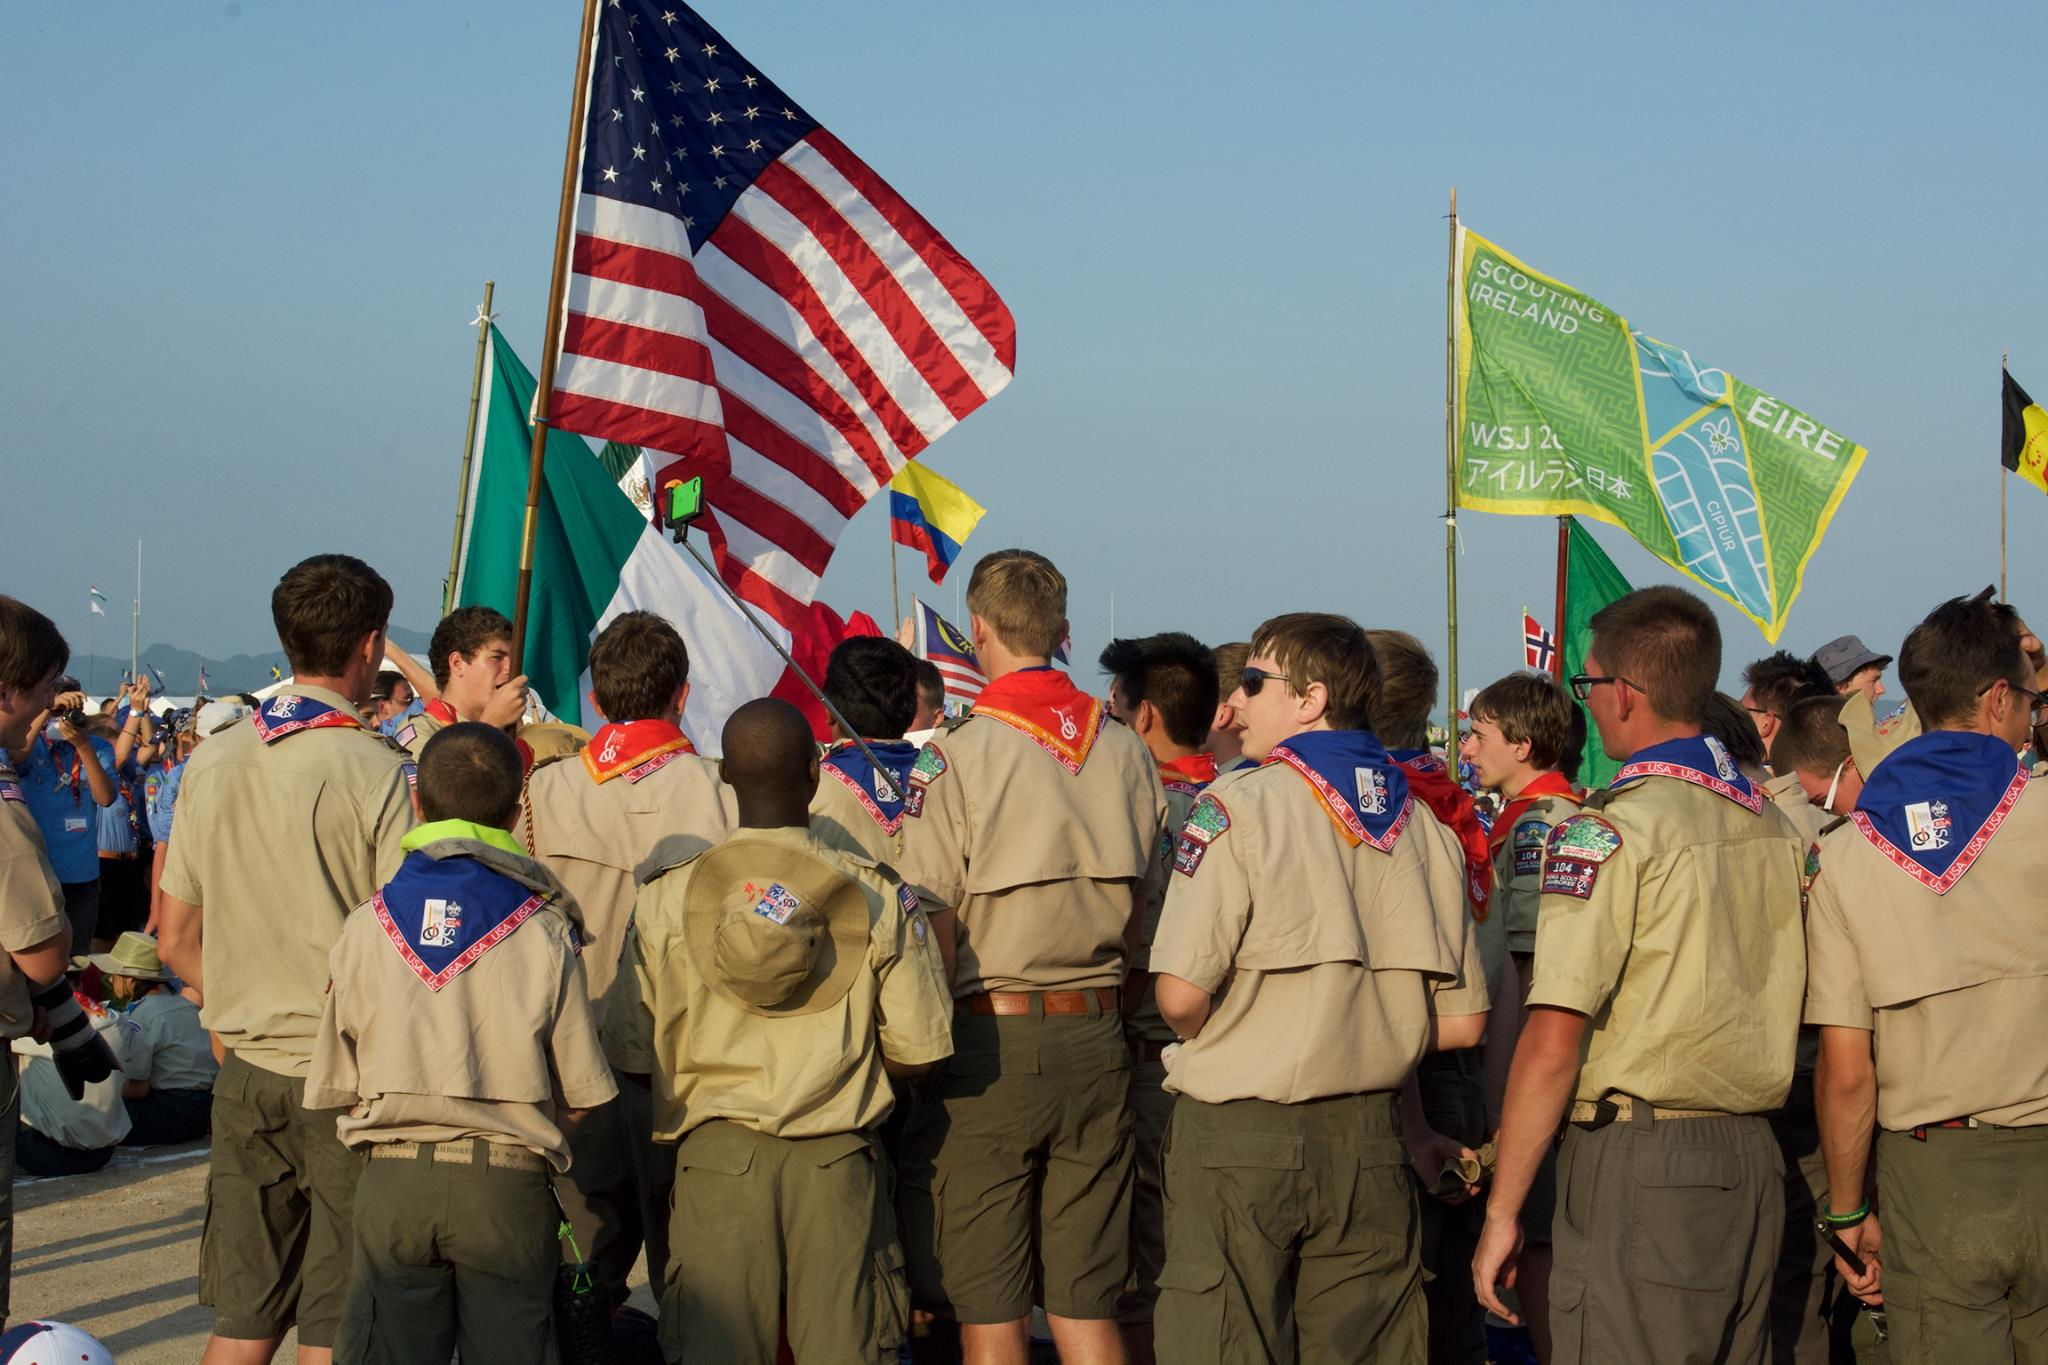 2019 World Scout Jamboree!